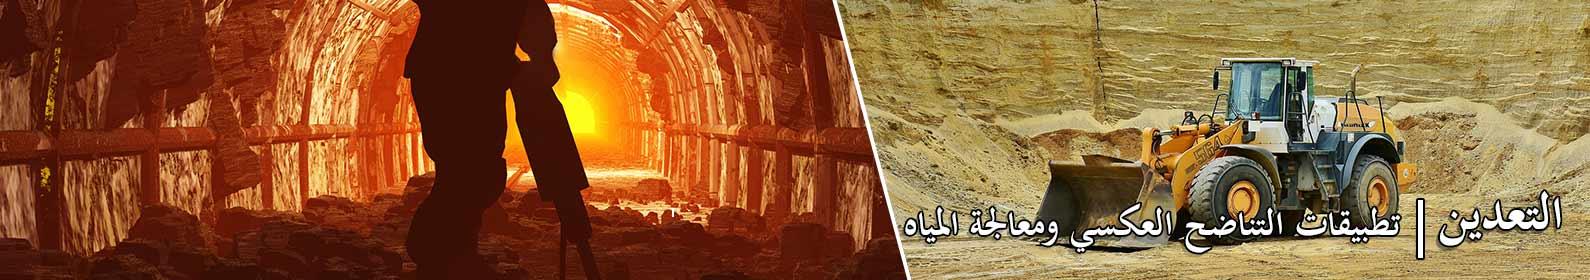 -mining-industry.jpg